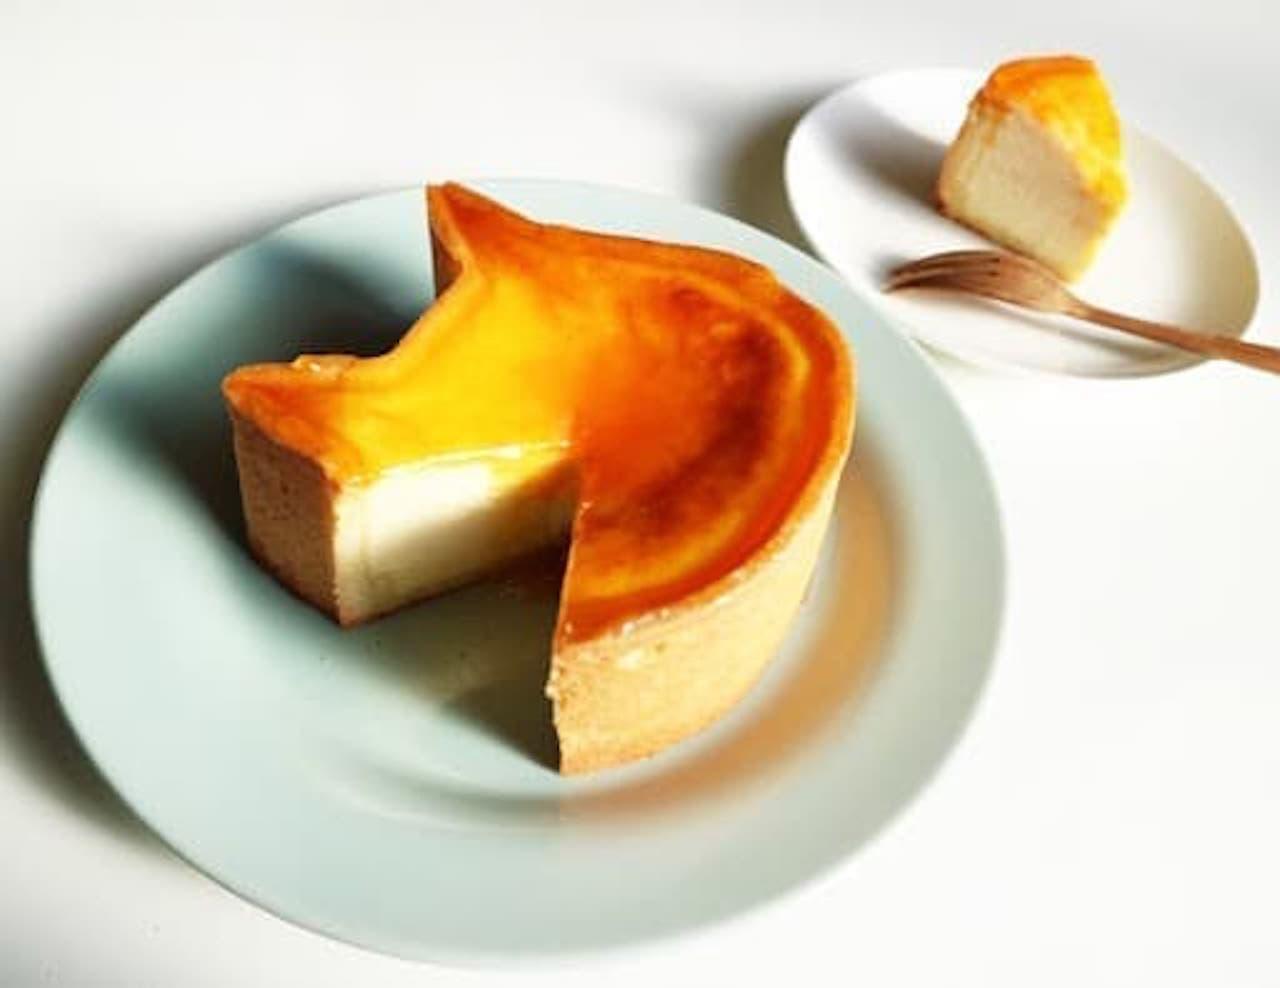 ねこの形のチーズケーキ専門店「ねこねこチーズケーキ」